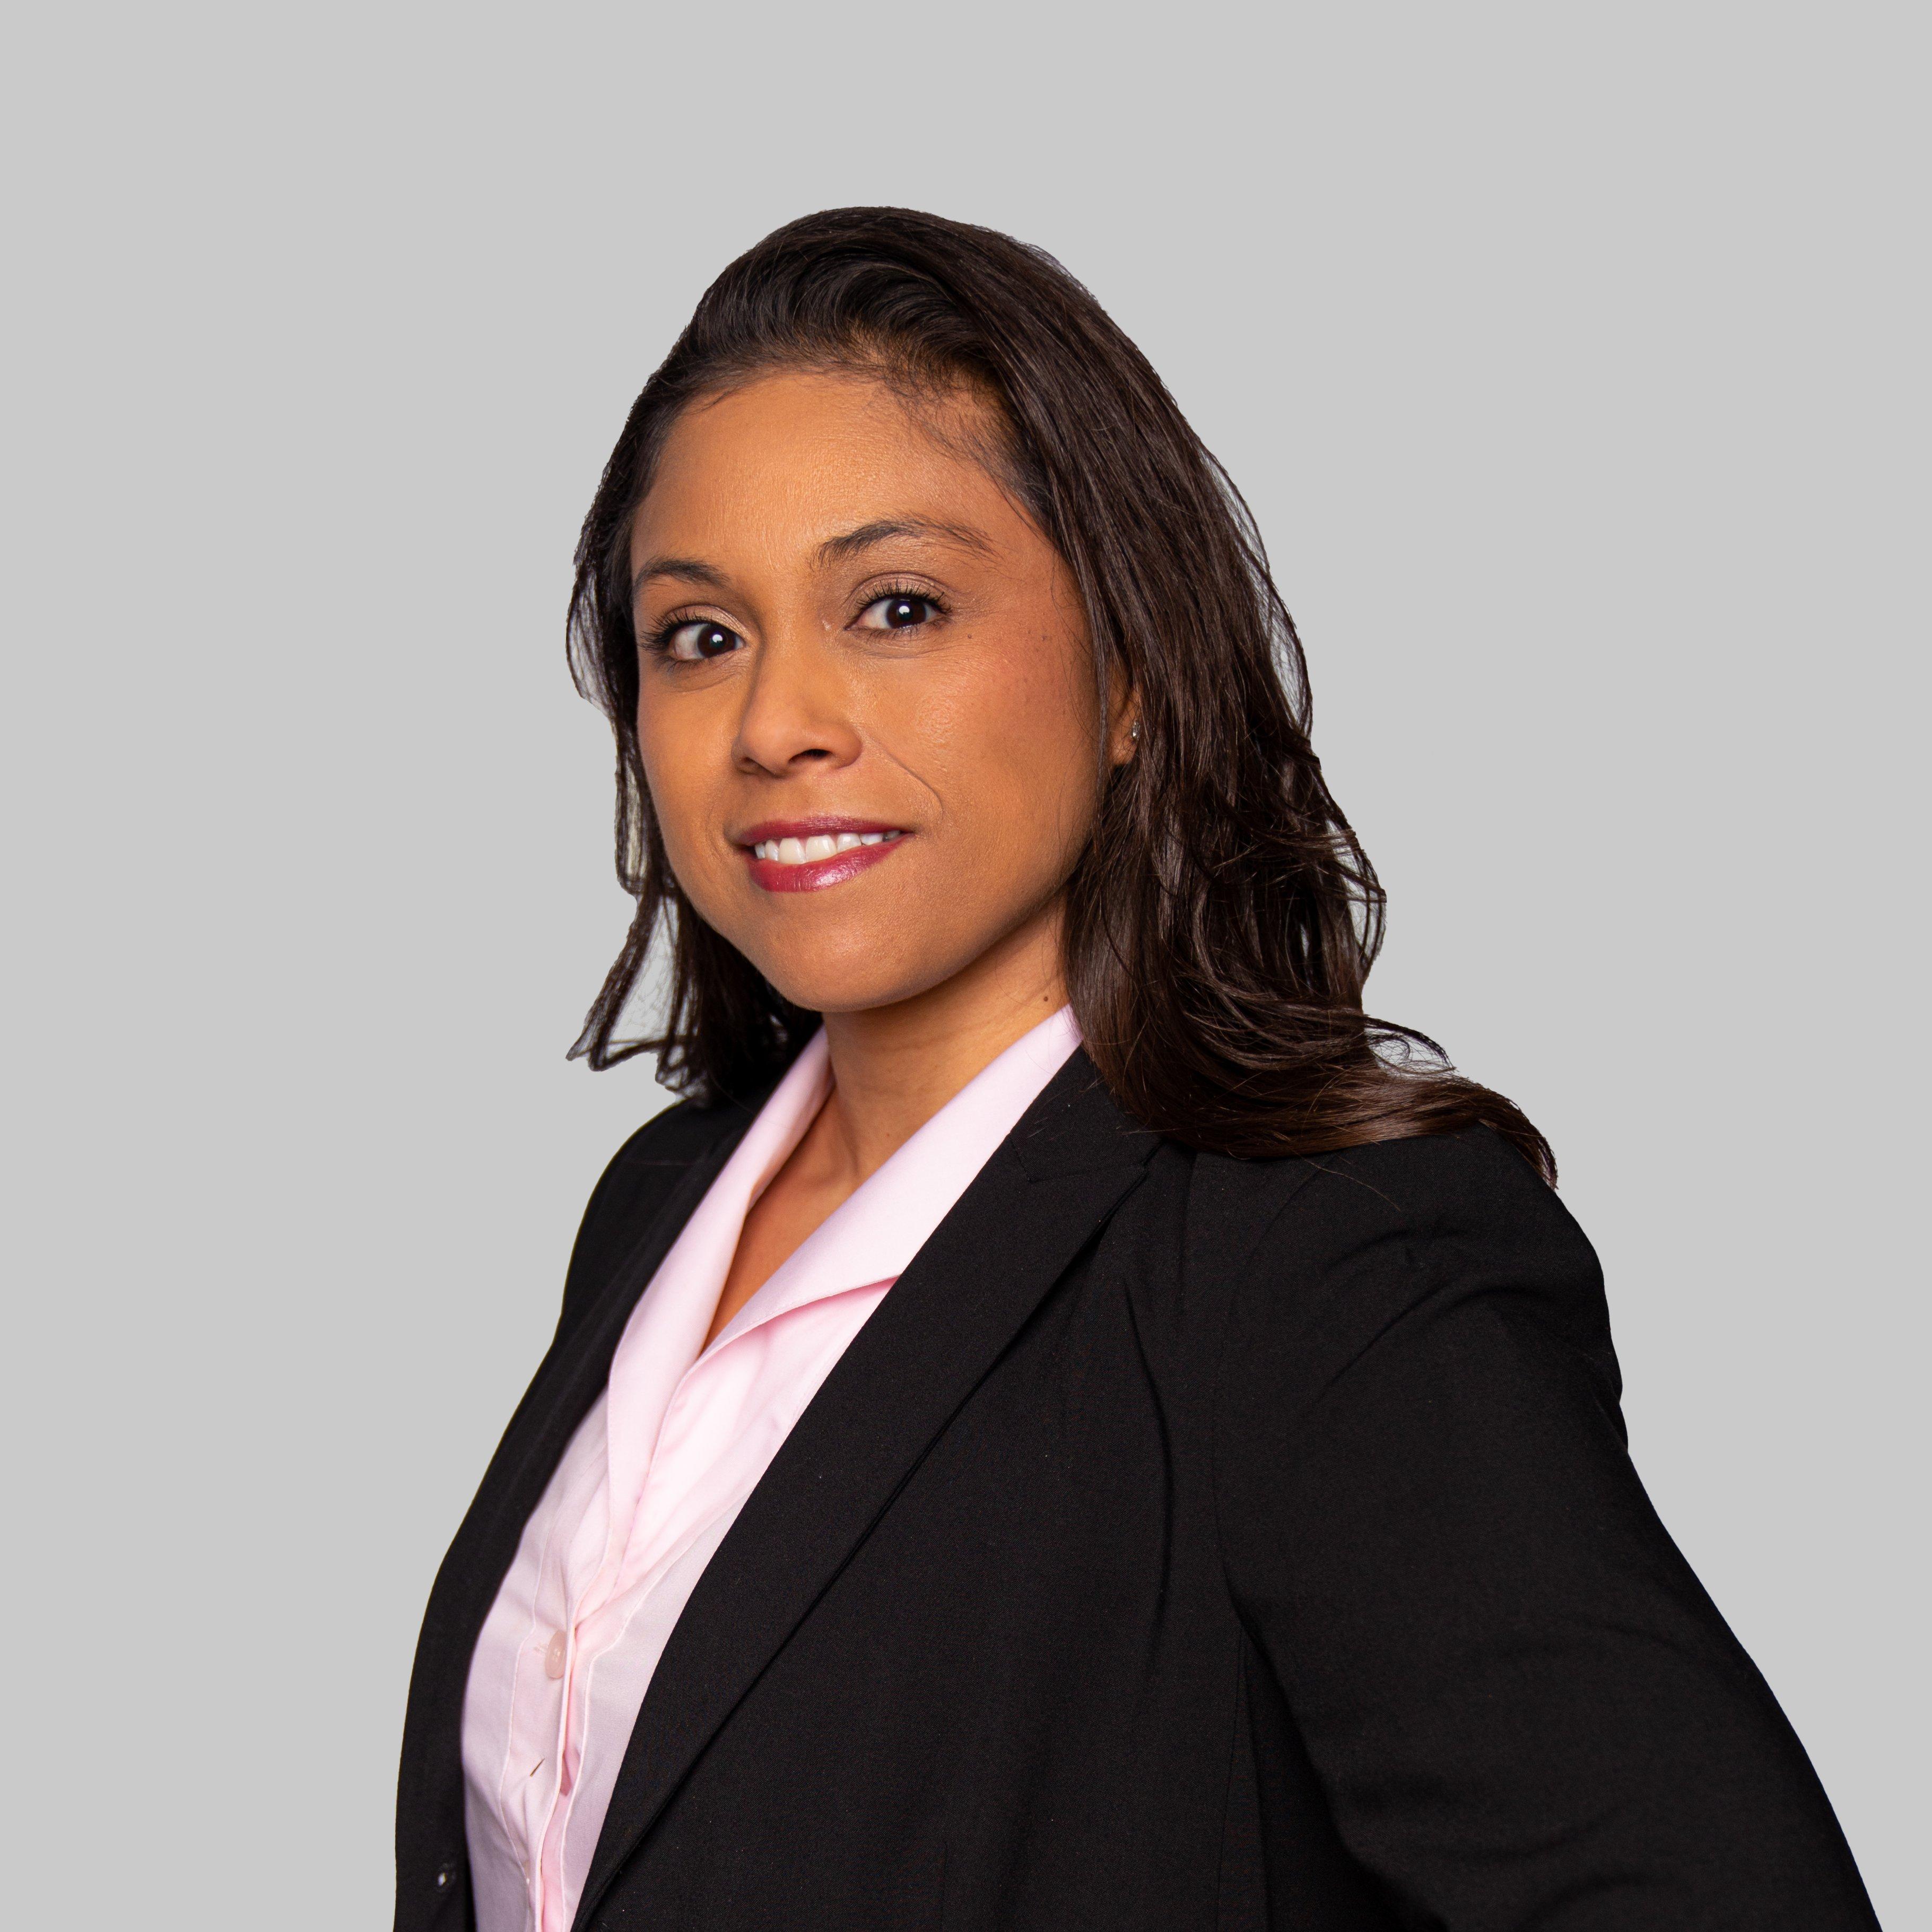 Regina De Hoyos Biography Photo